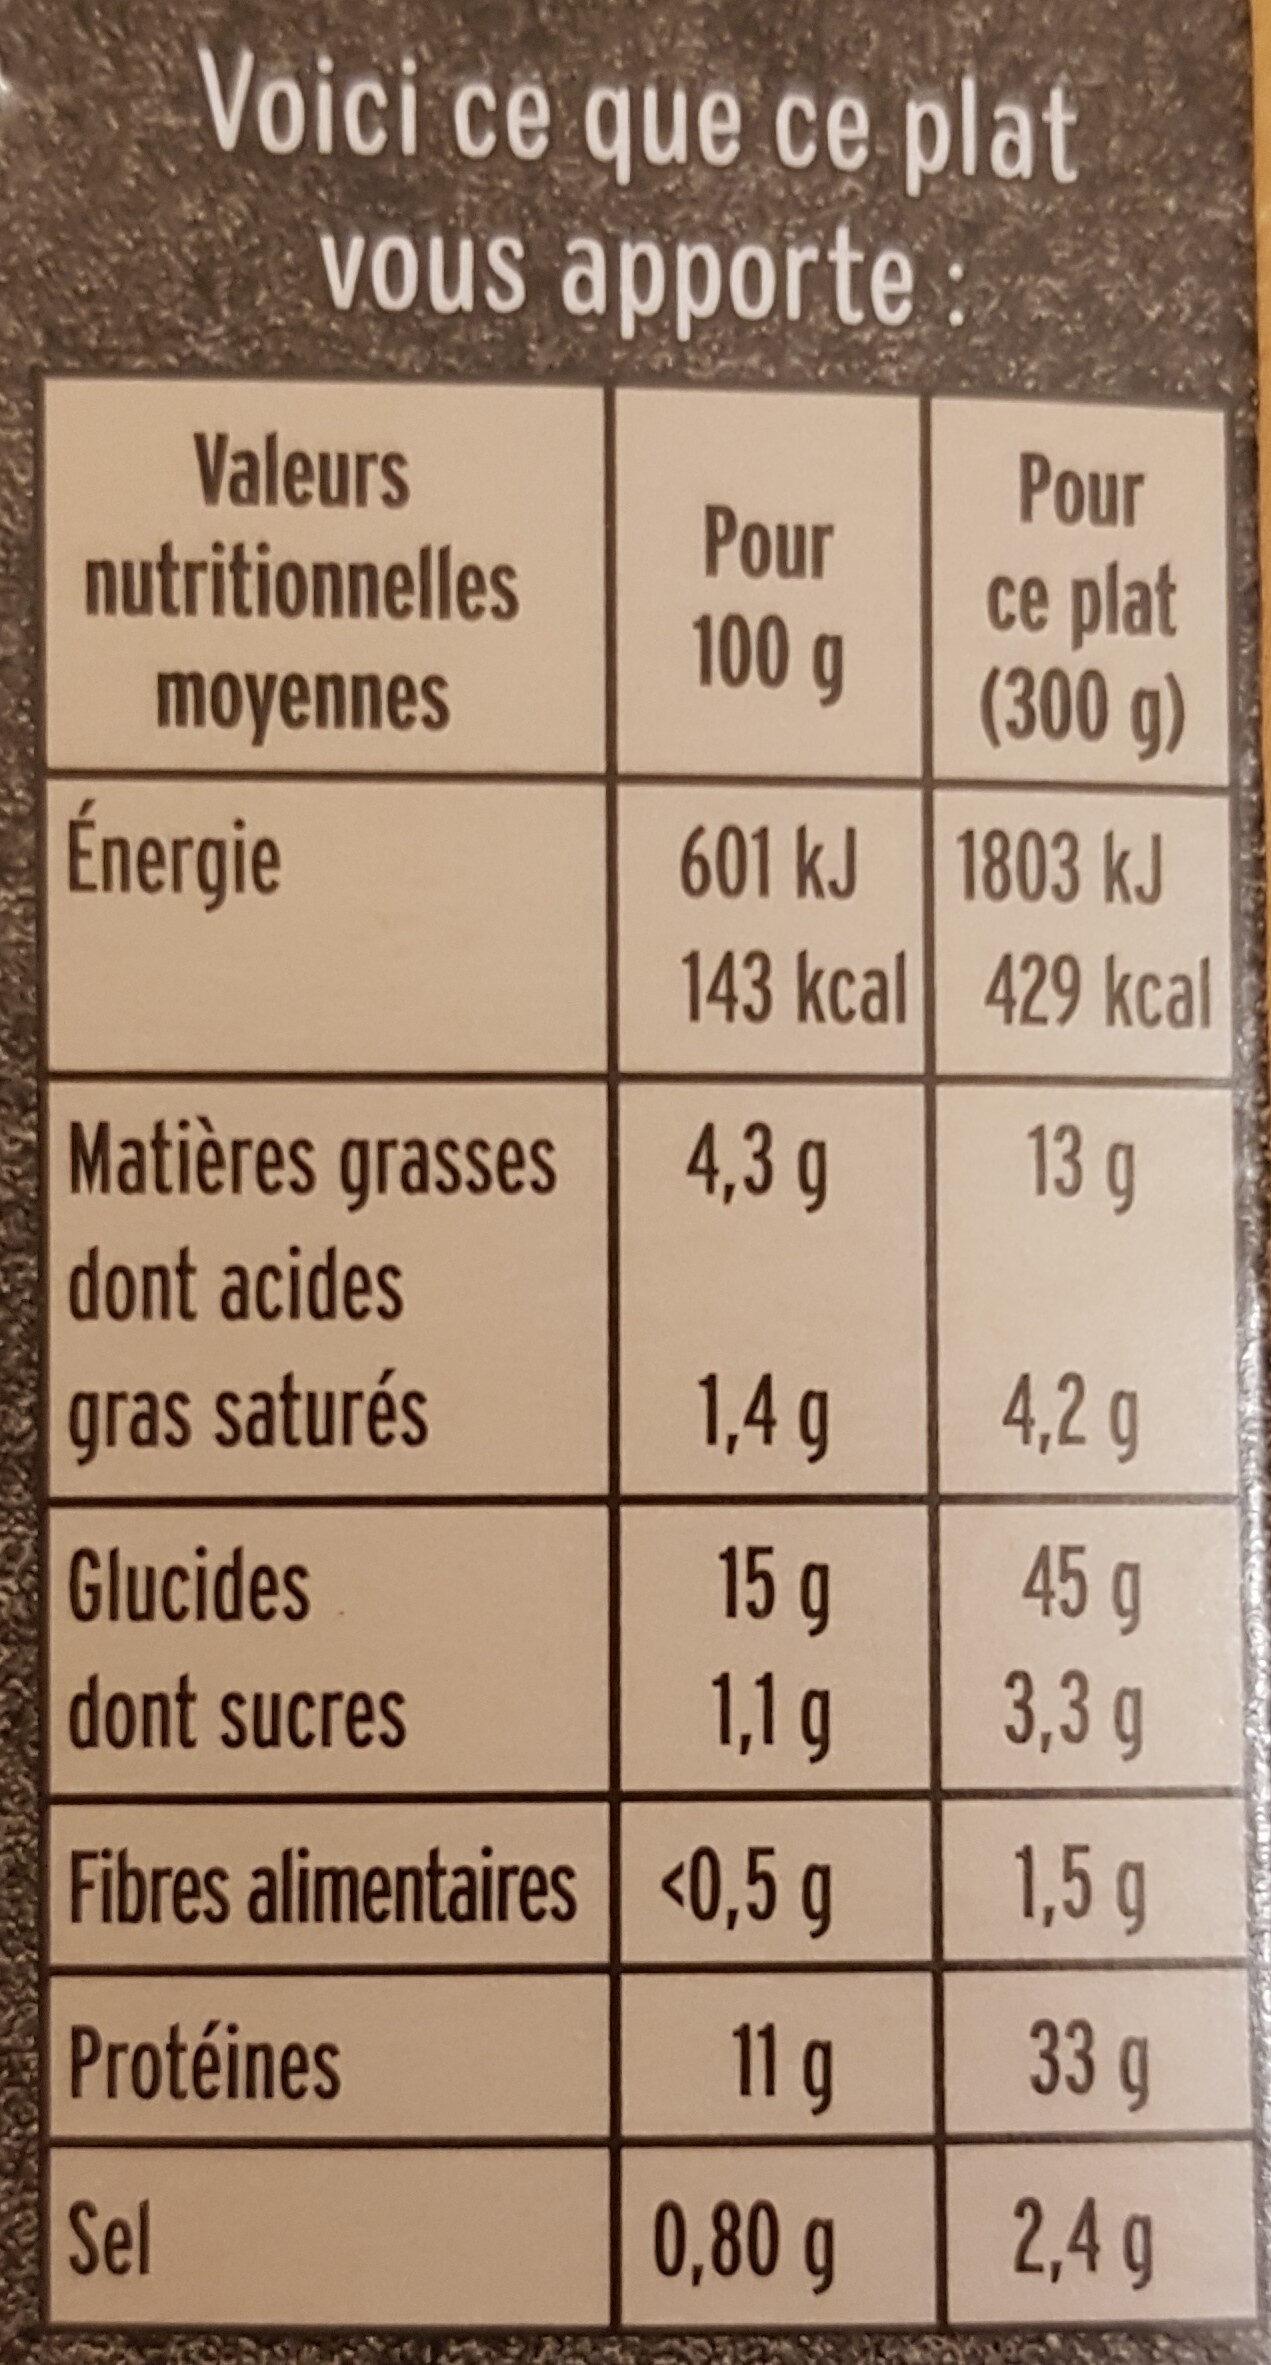 L'Escalope de Poulet à la Crème, Champignons et Riz - Informations nutritionnelles - fr